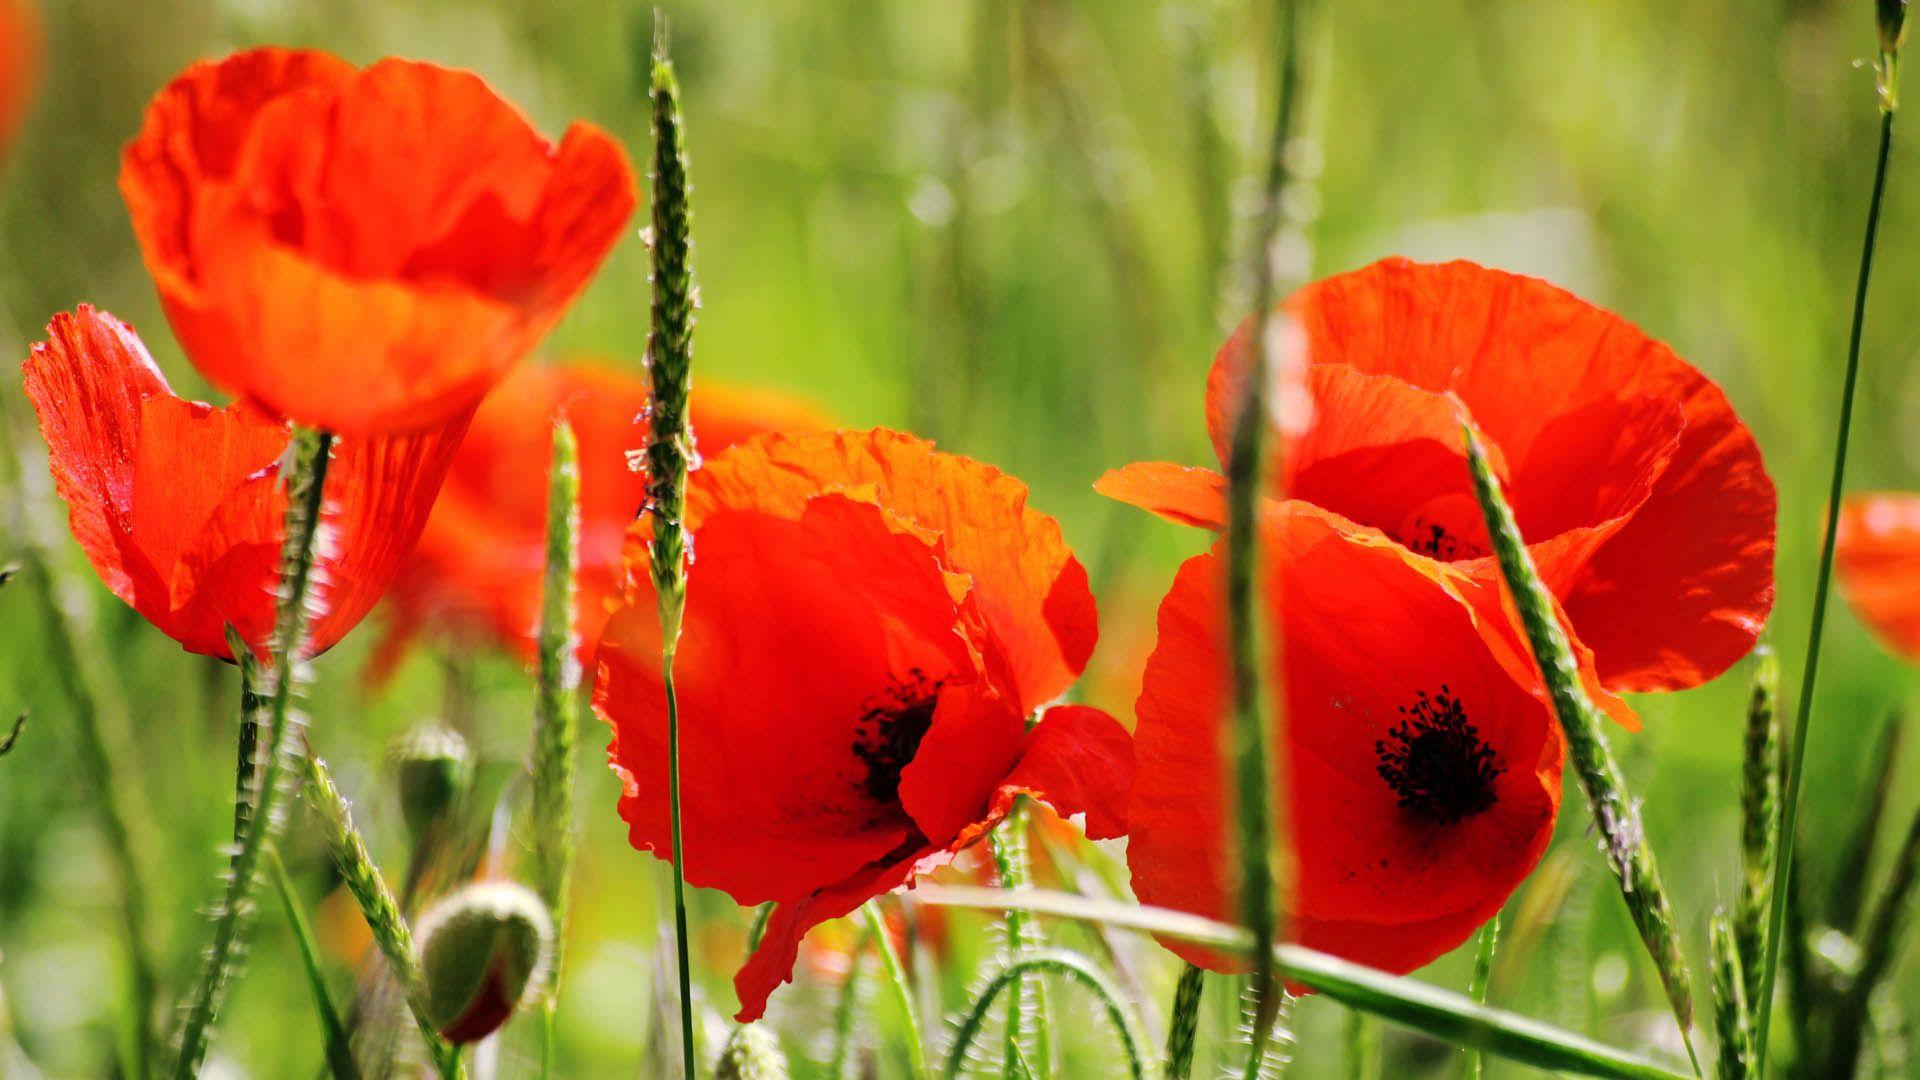 154968 скачать обои Цветы, Маки, Лепестки, Красный, Стебель - заставки и картинки бесплатно